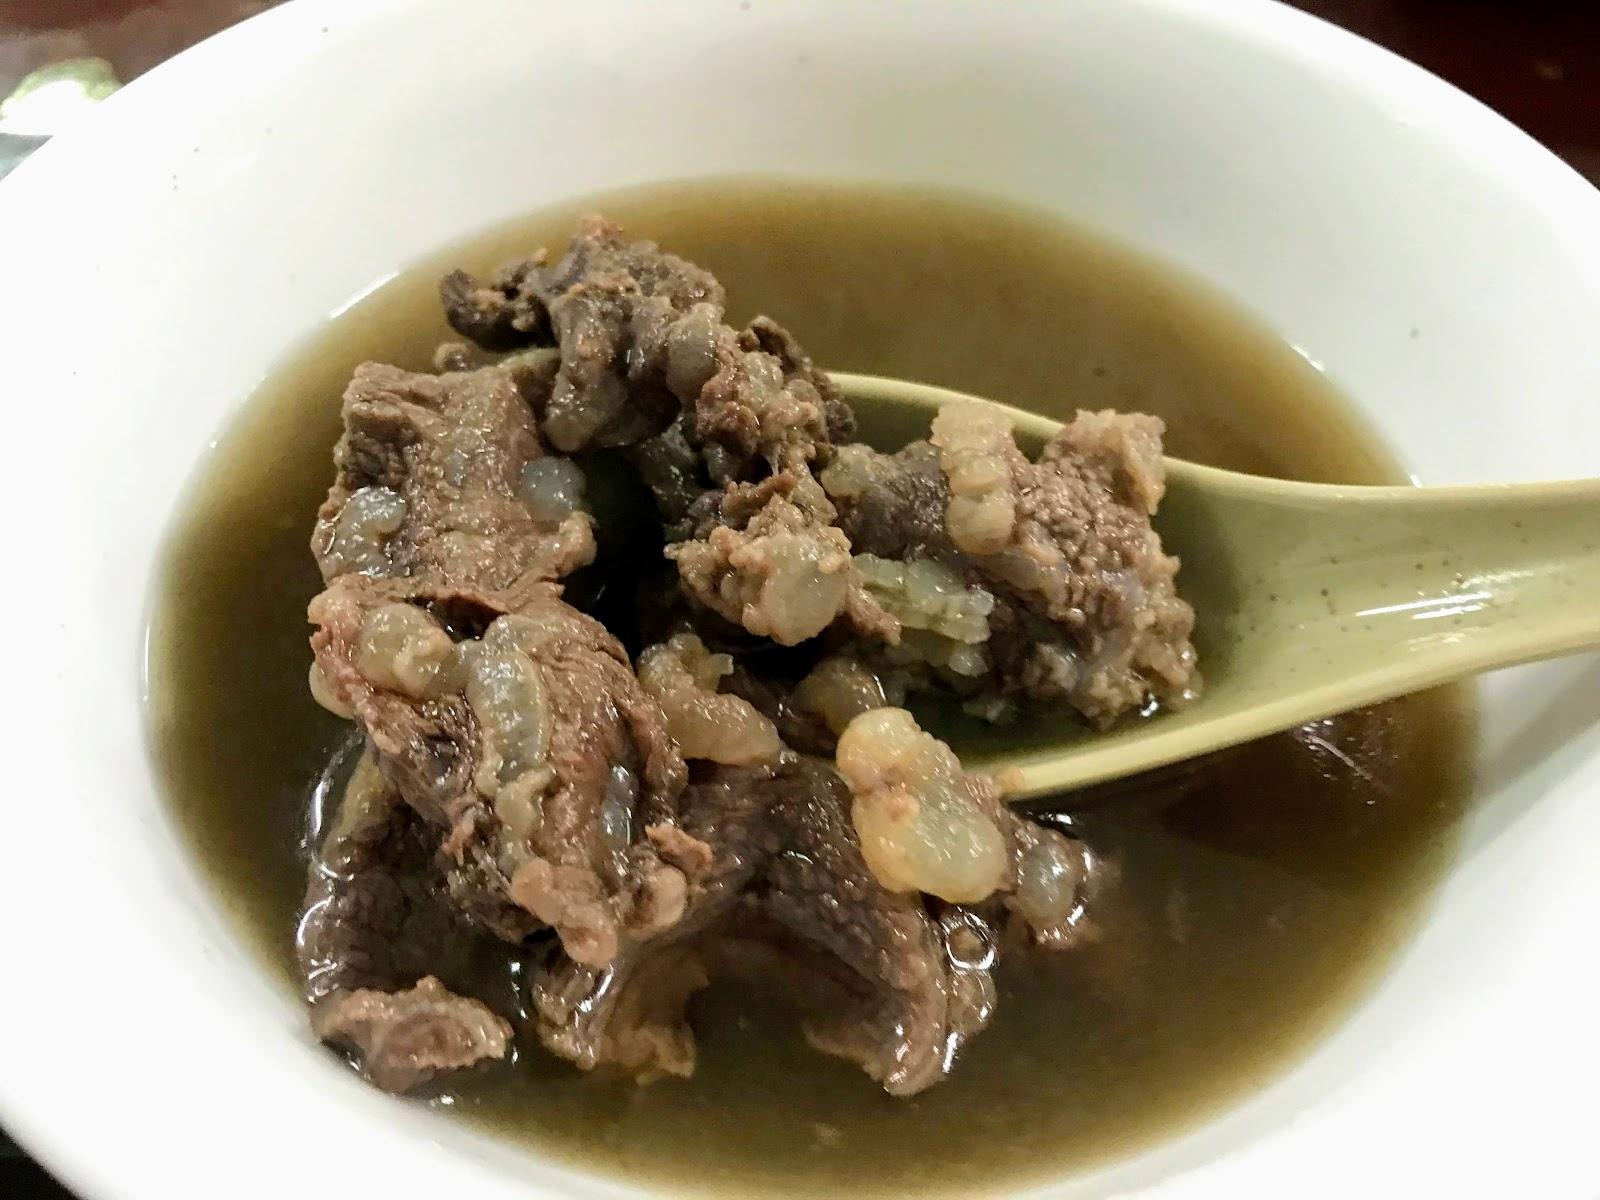 【台南 善化】五千牛肉湯 低調美味 蓋瑞哥自製肉燥飯食譜公開 台南川文山半日遊(四)